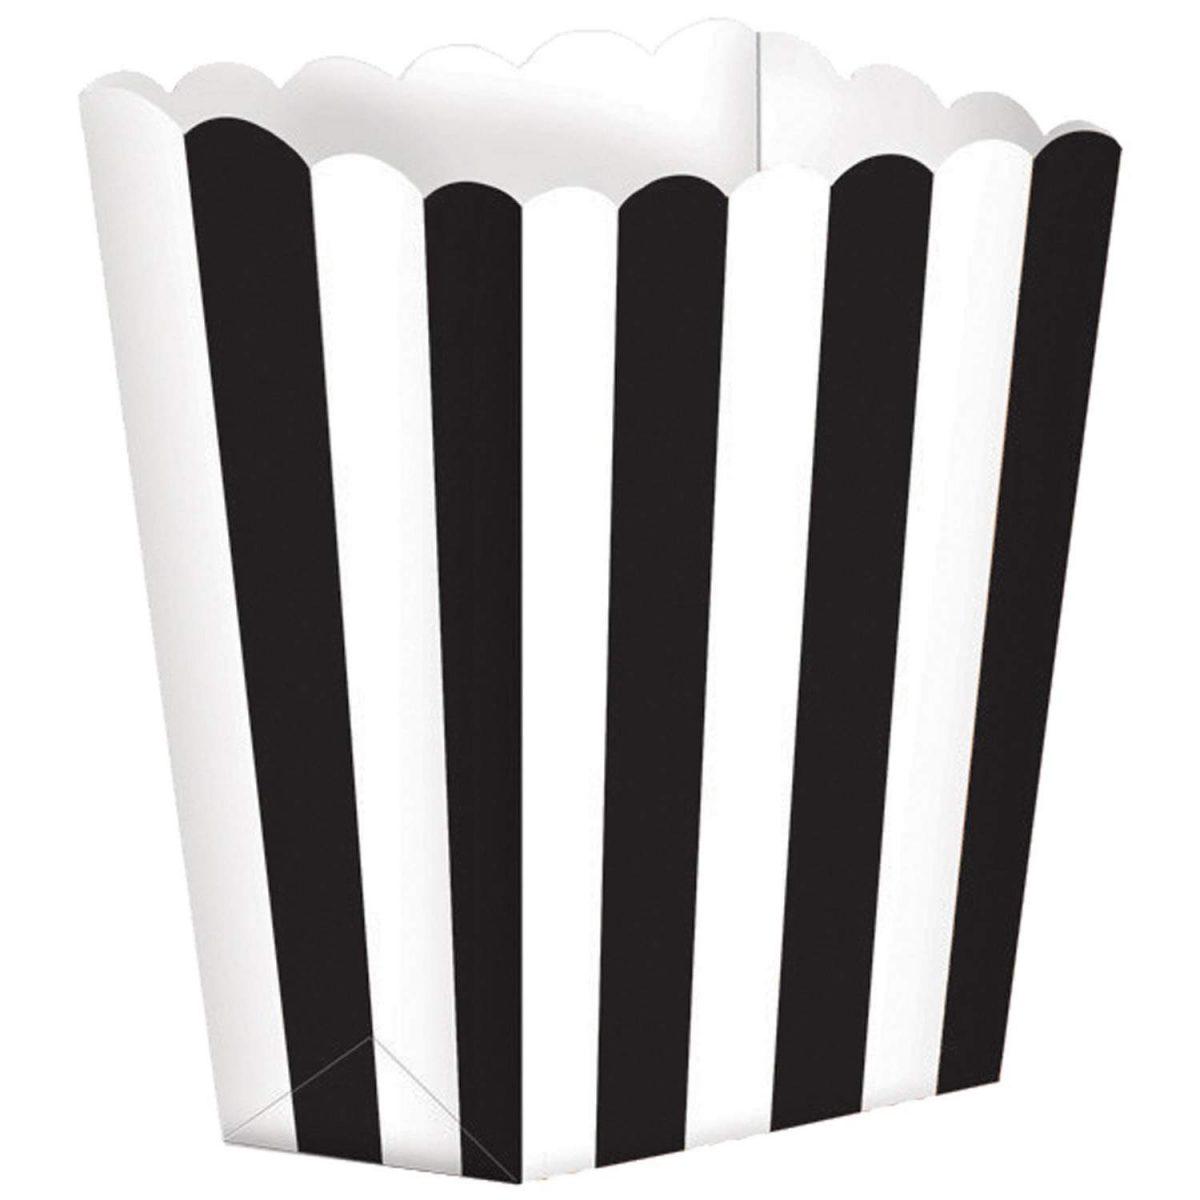 Κουτί Ποπ Κορν Μαύρο με Ρίγες